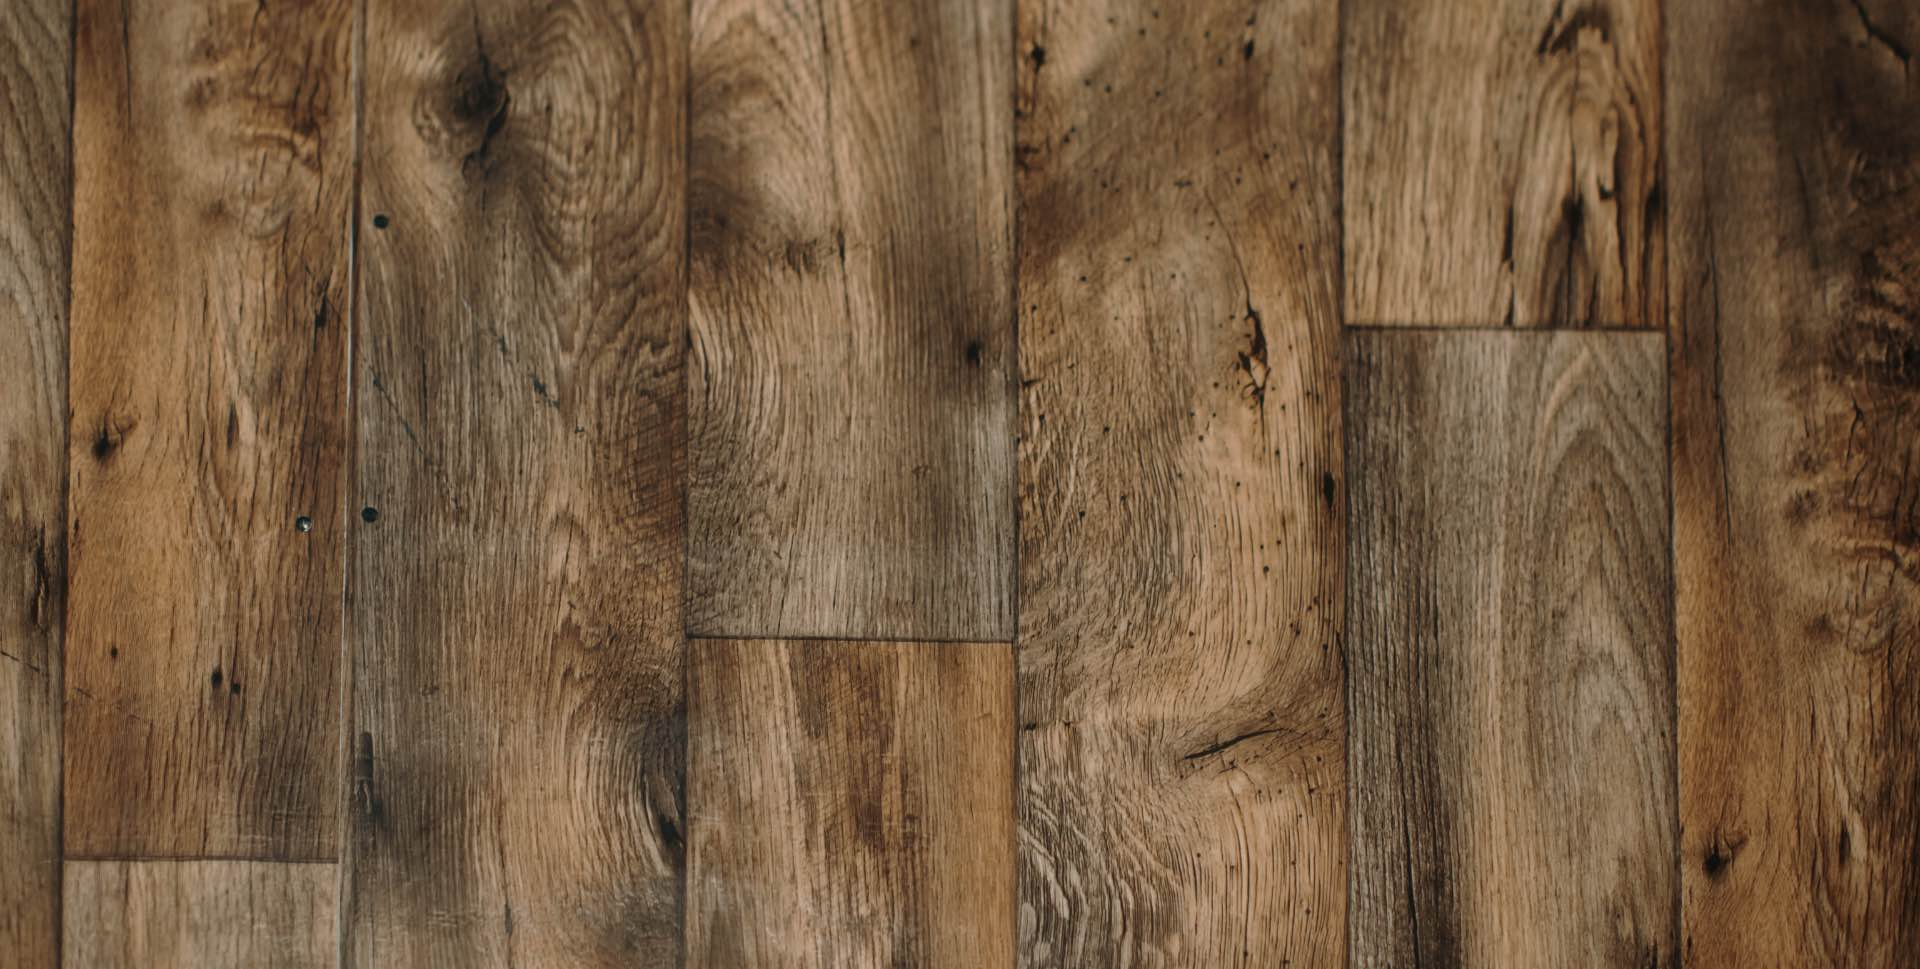 Photo of wood flooring background